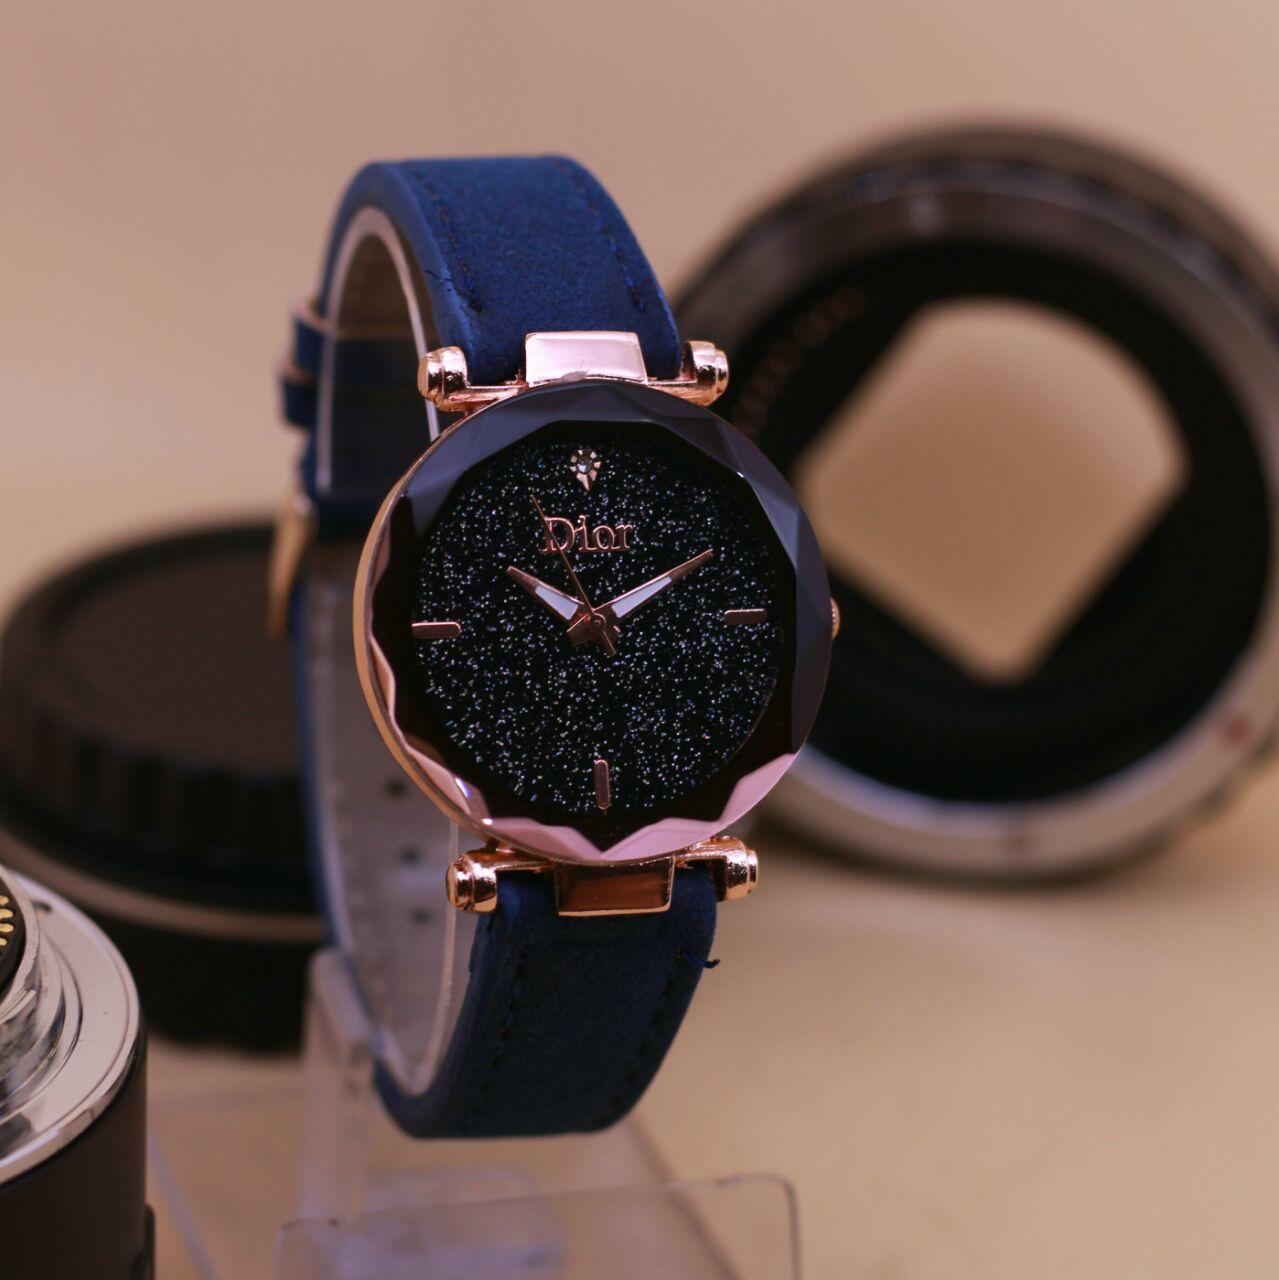 PROMO TERBATAS!!! jam tangan wanita dior-alba-fossil-swiss army-tetonis - leather strap model terbaru 2018 best seller